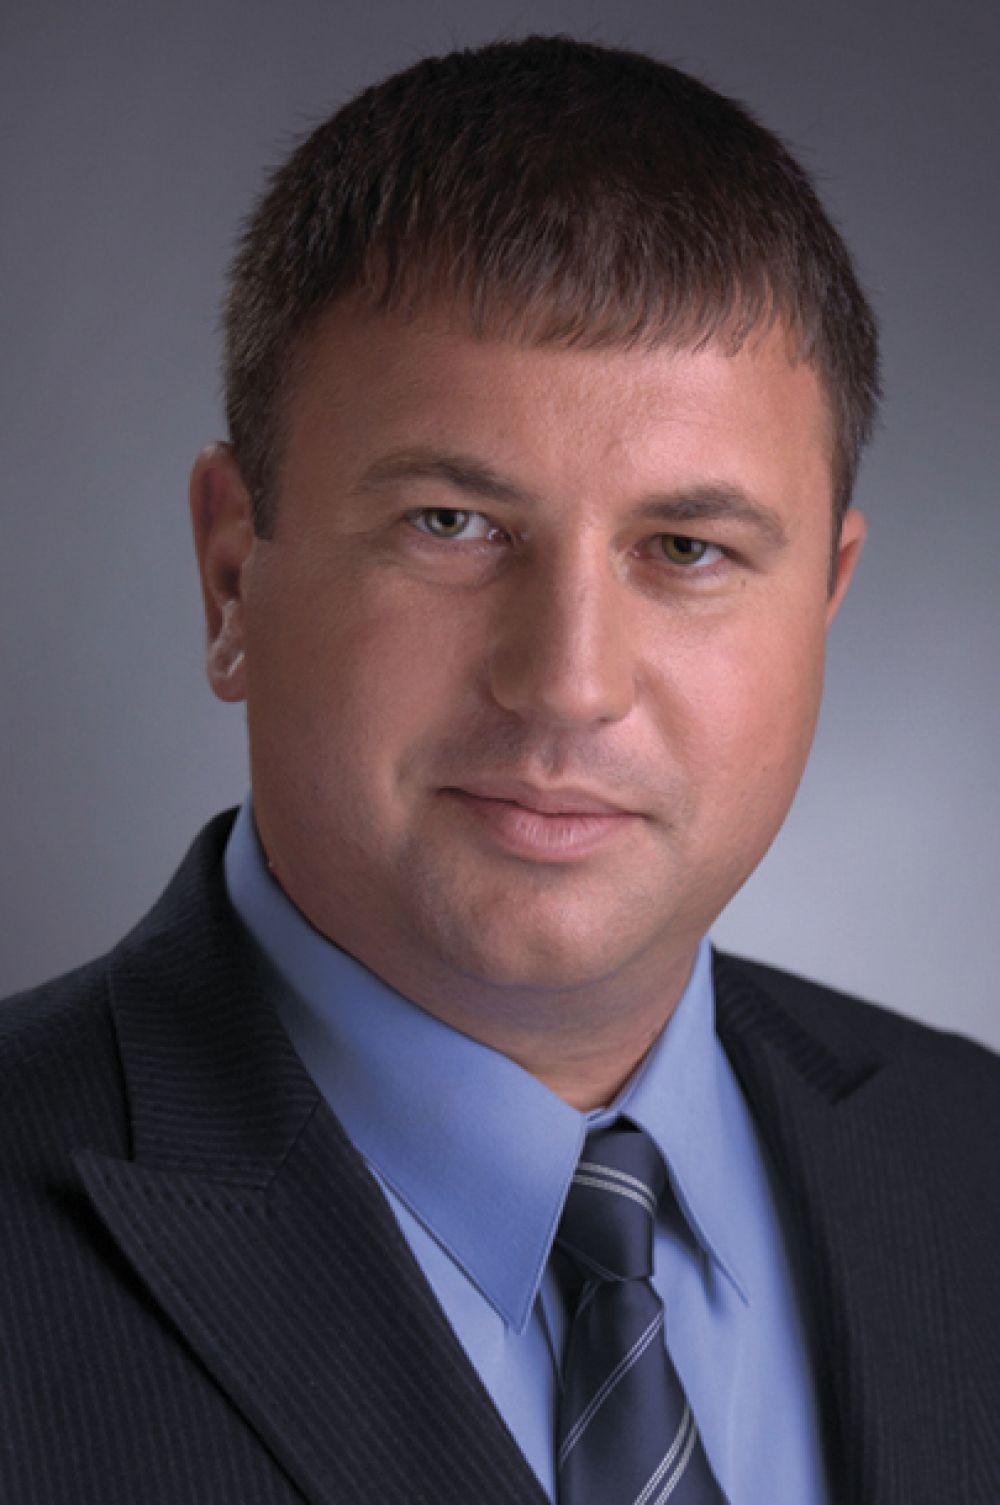 Увольняется первый замглавы администрации Феодосии Ачкасов